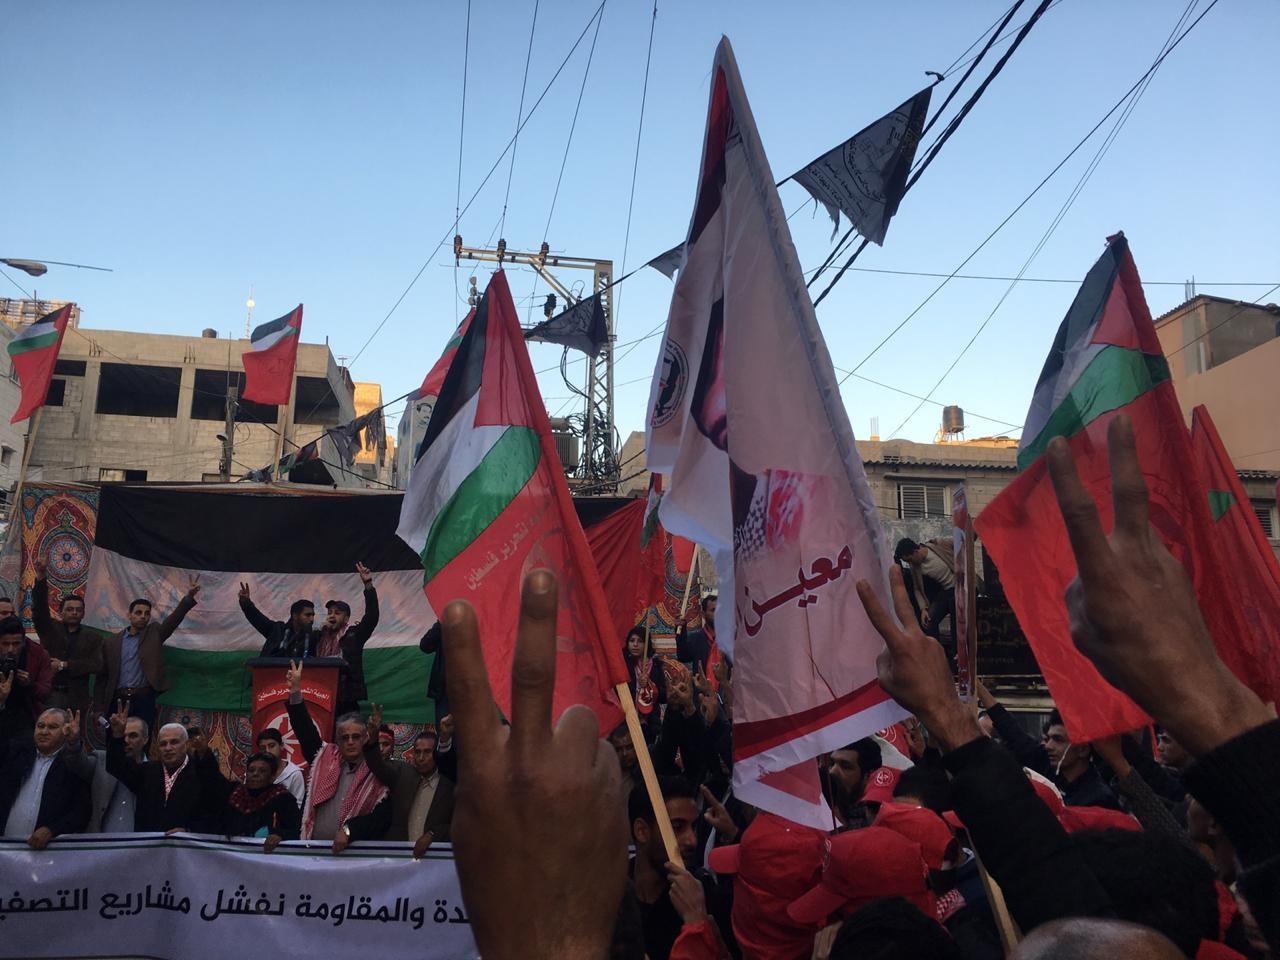 احياء ذكرى اطلاقة الجبهة الشعبية في مدينة غزة  (7).jpg